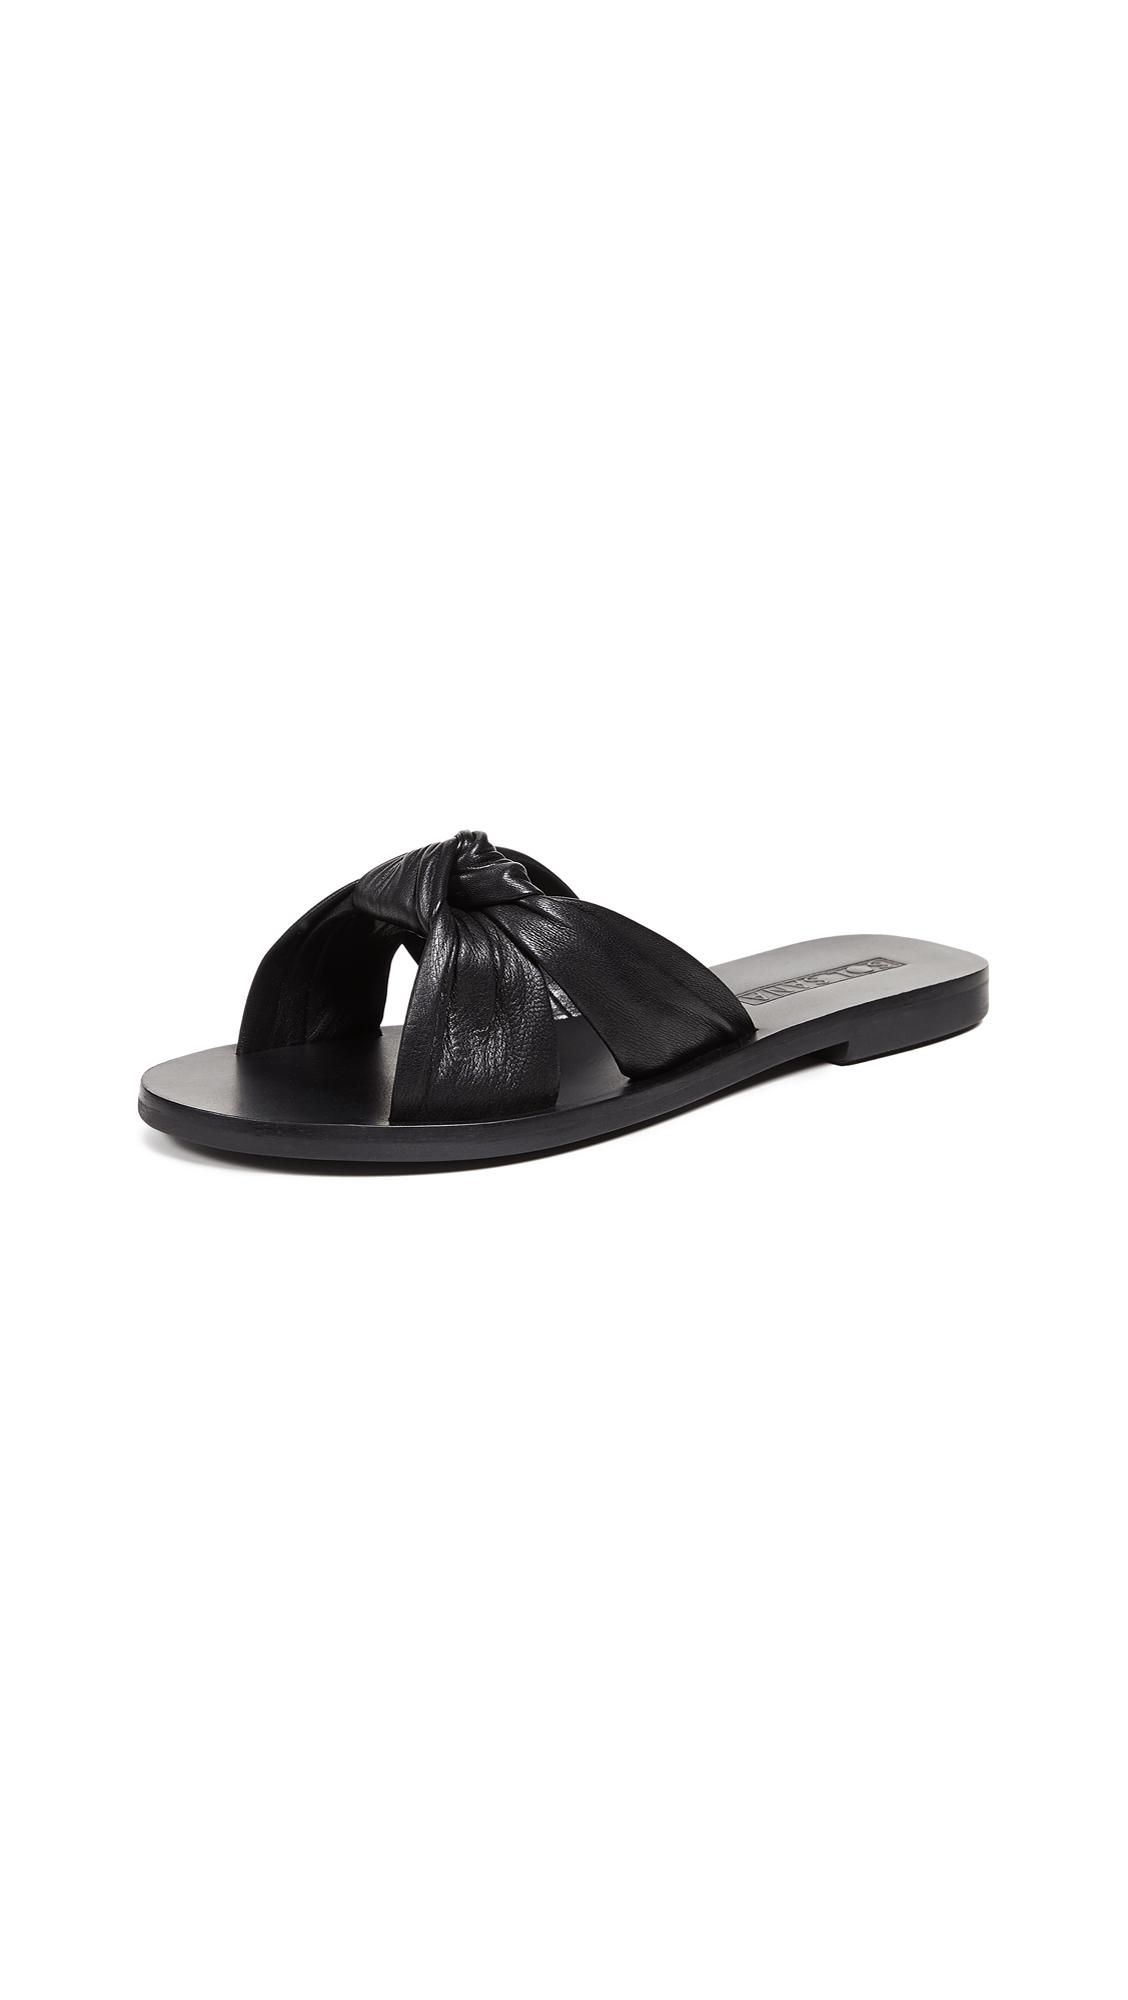 Sol Sana Paradise Slides - Black